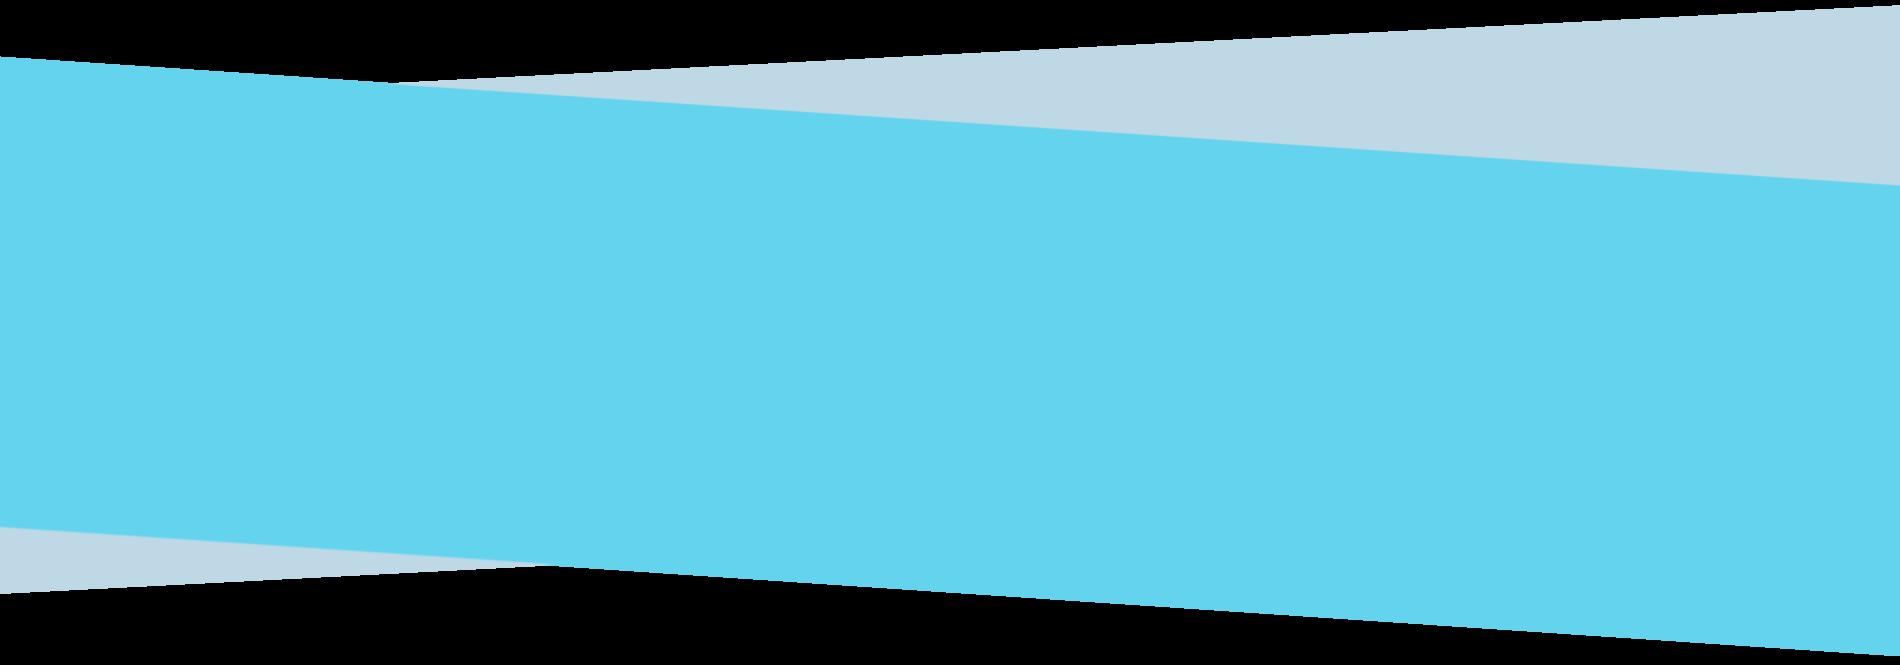 背景1.png